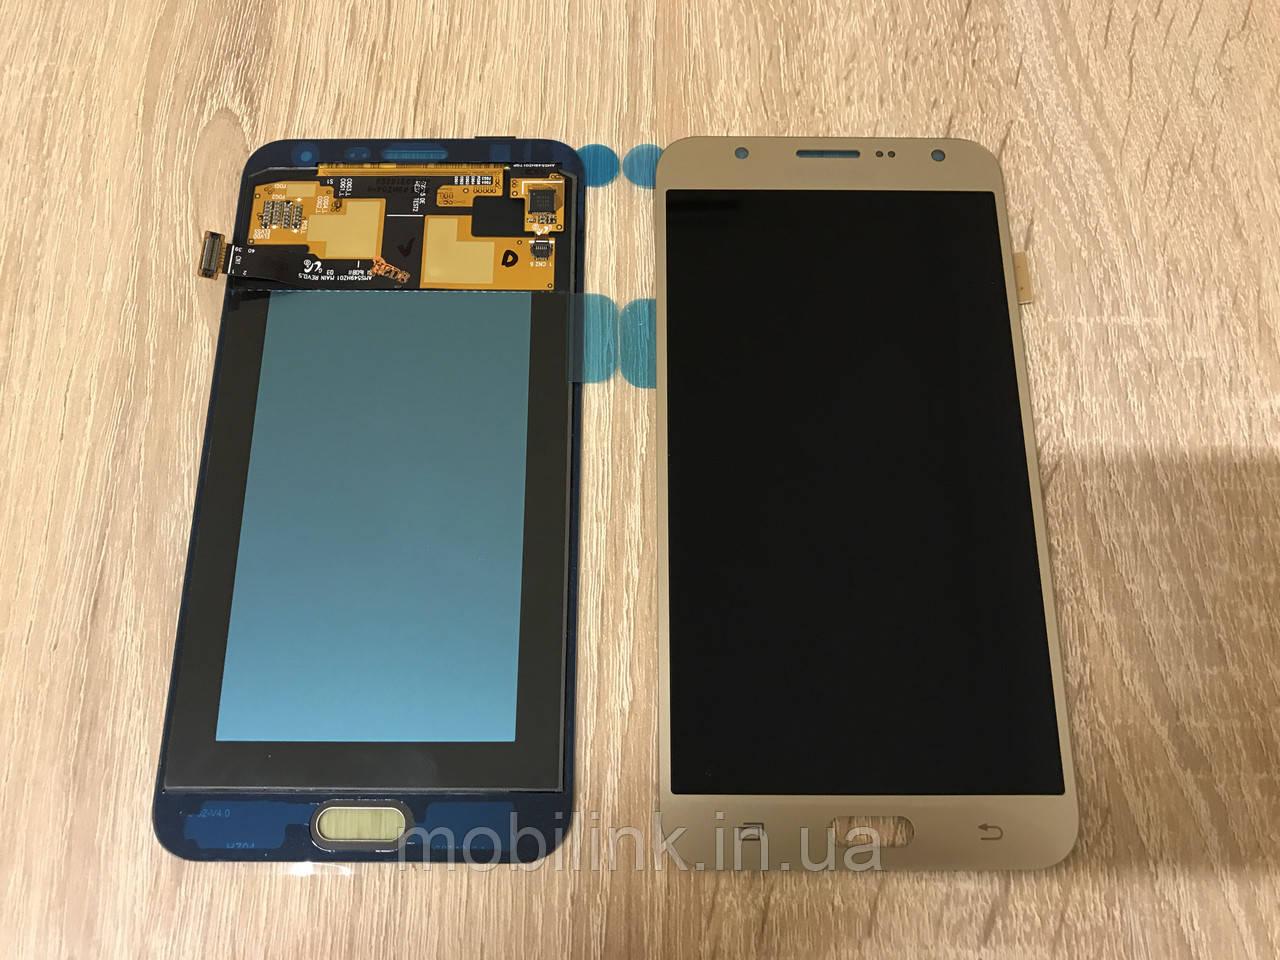 Дисплей на Samsung J700 Galaxy J7 Золото(Gold),GH97-17670B, Super AMOLED!